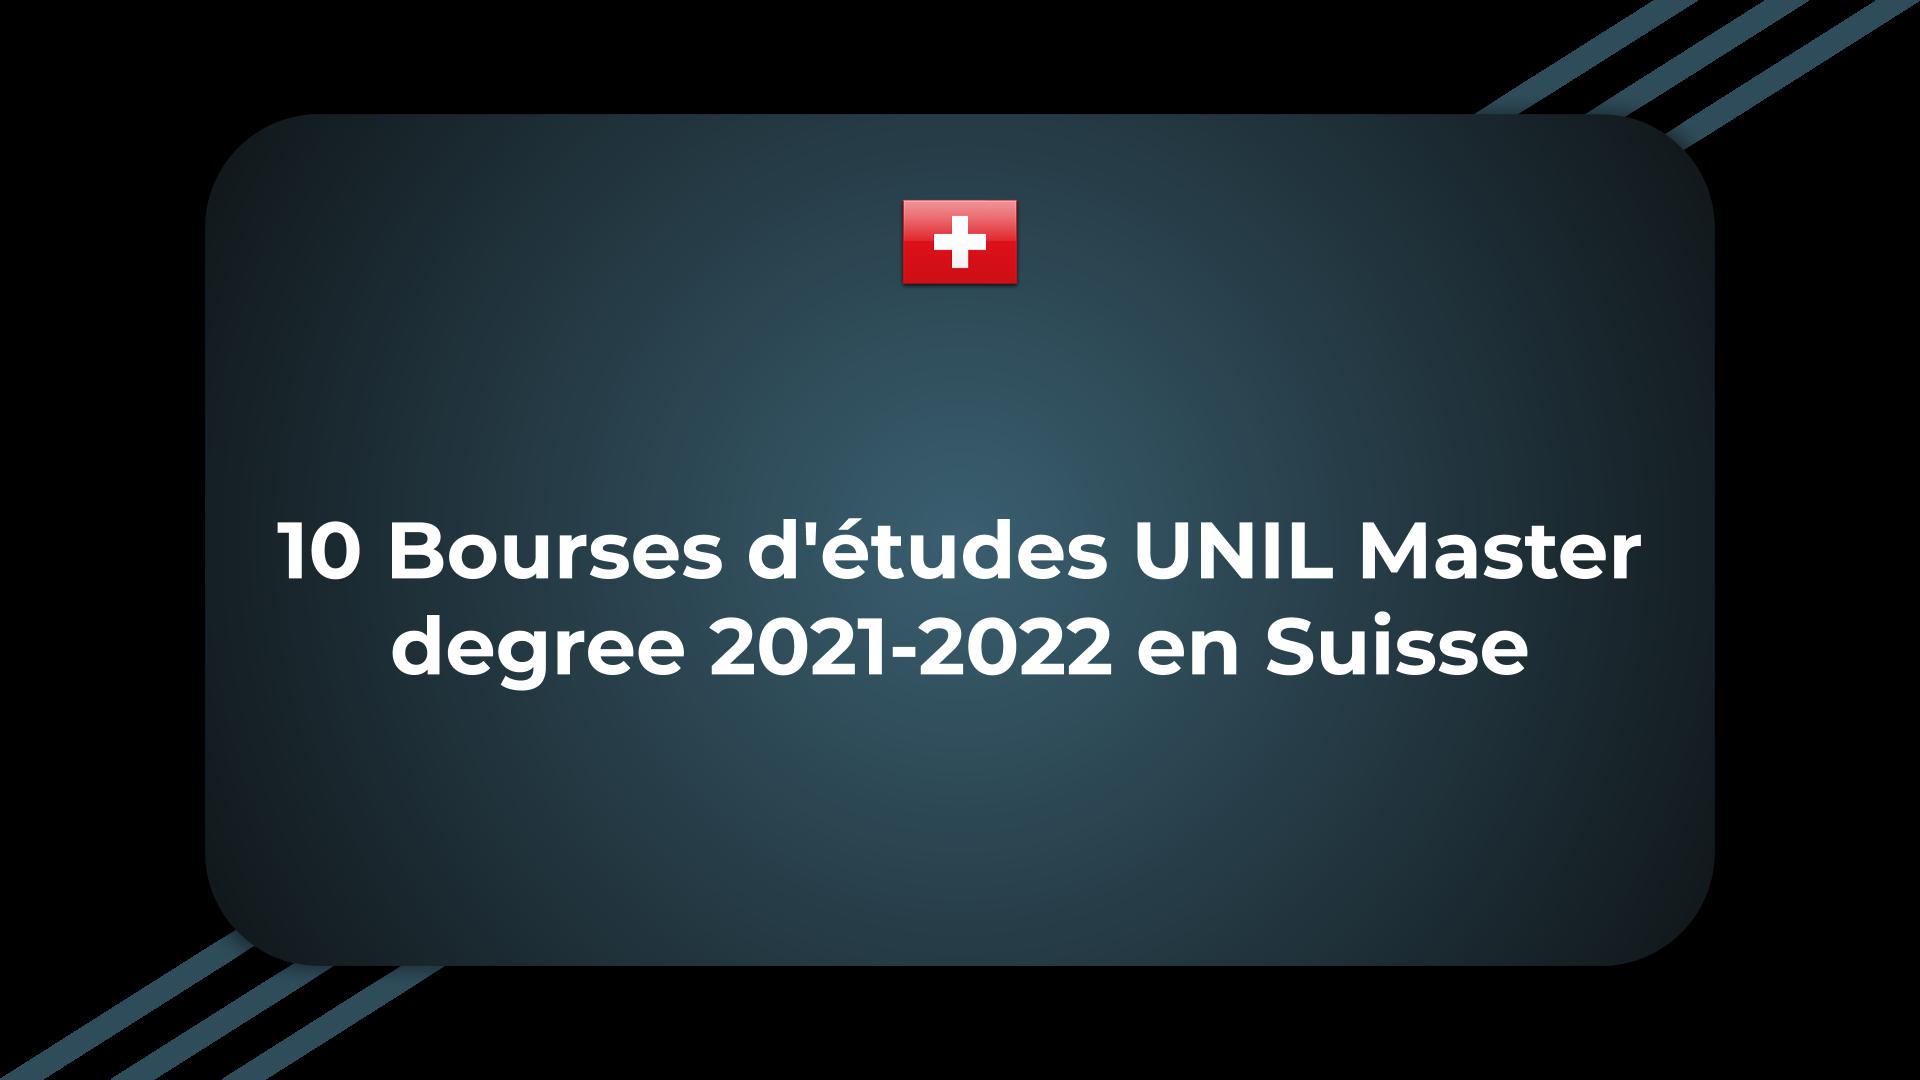 10 Bourses d'études UNIL Master degree